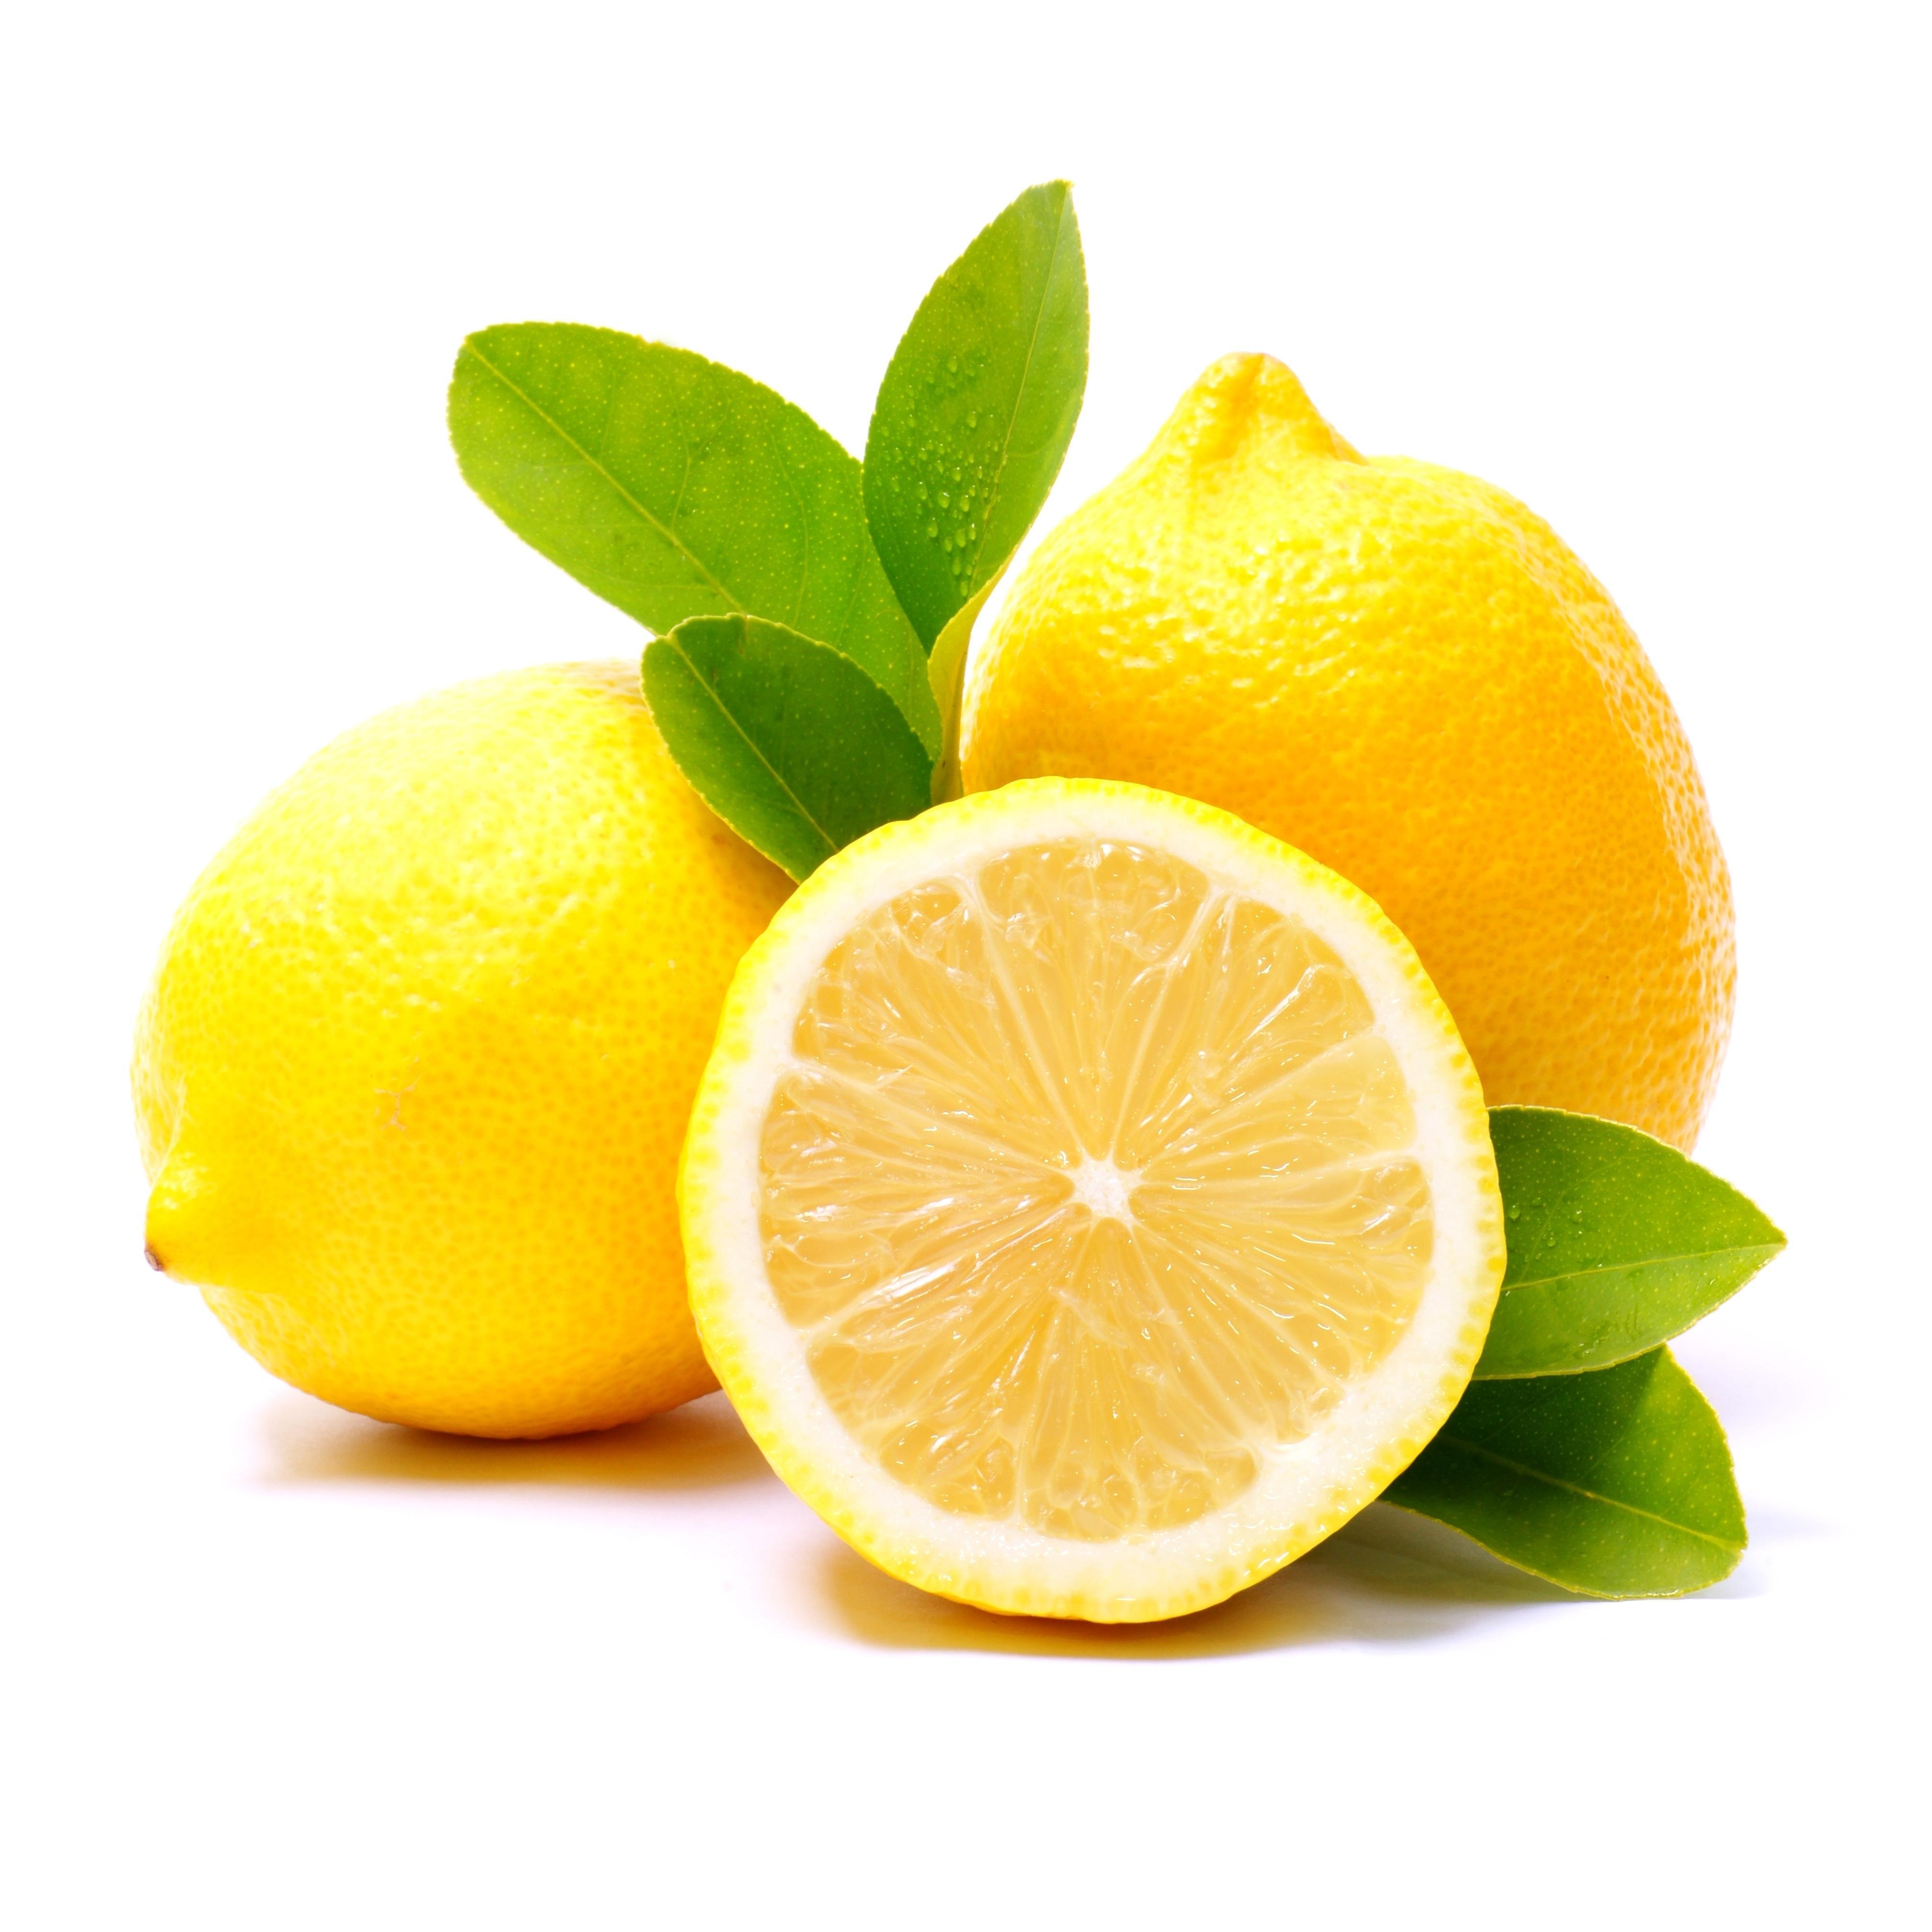 Limão, Seus Benefícios e Aplicações em Beleza e Estética